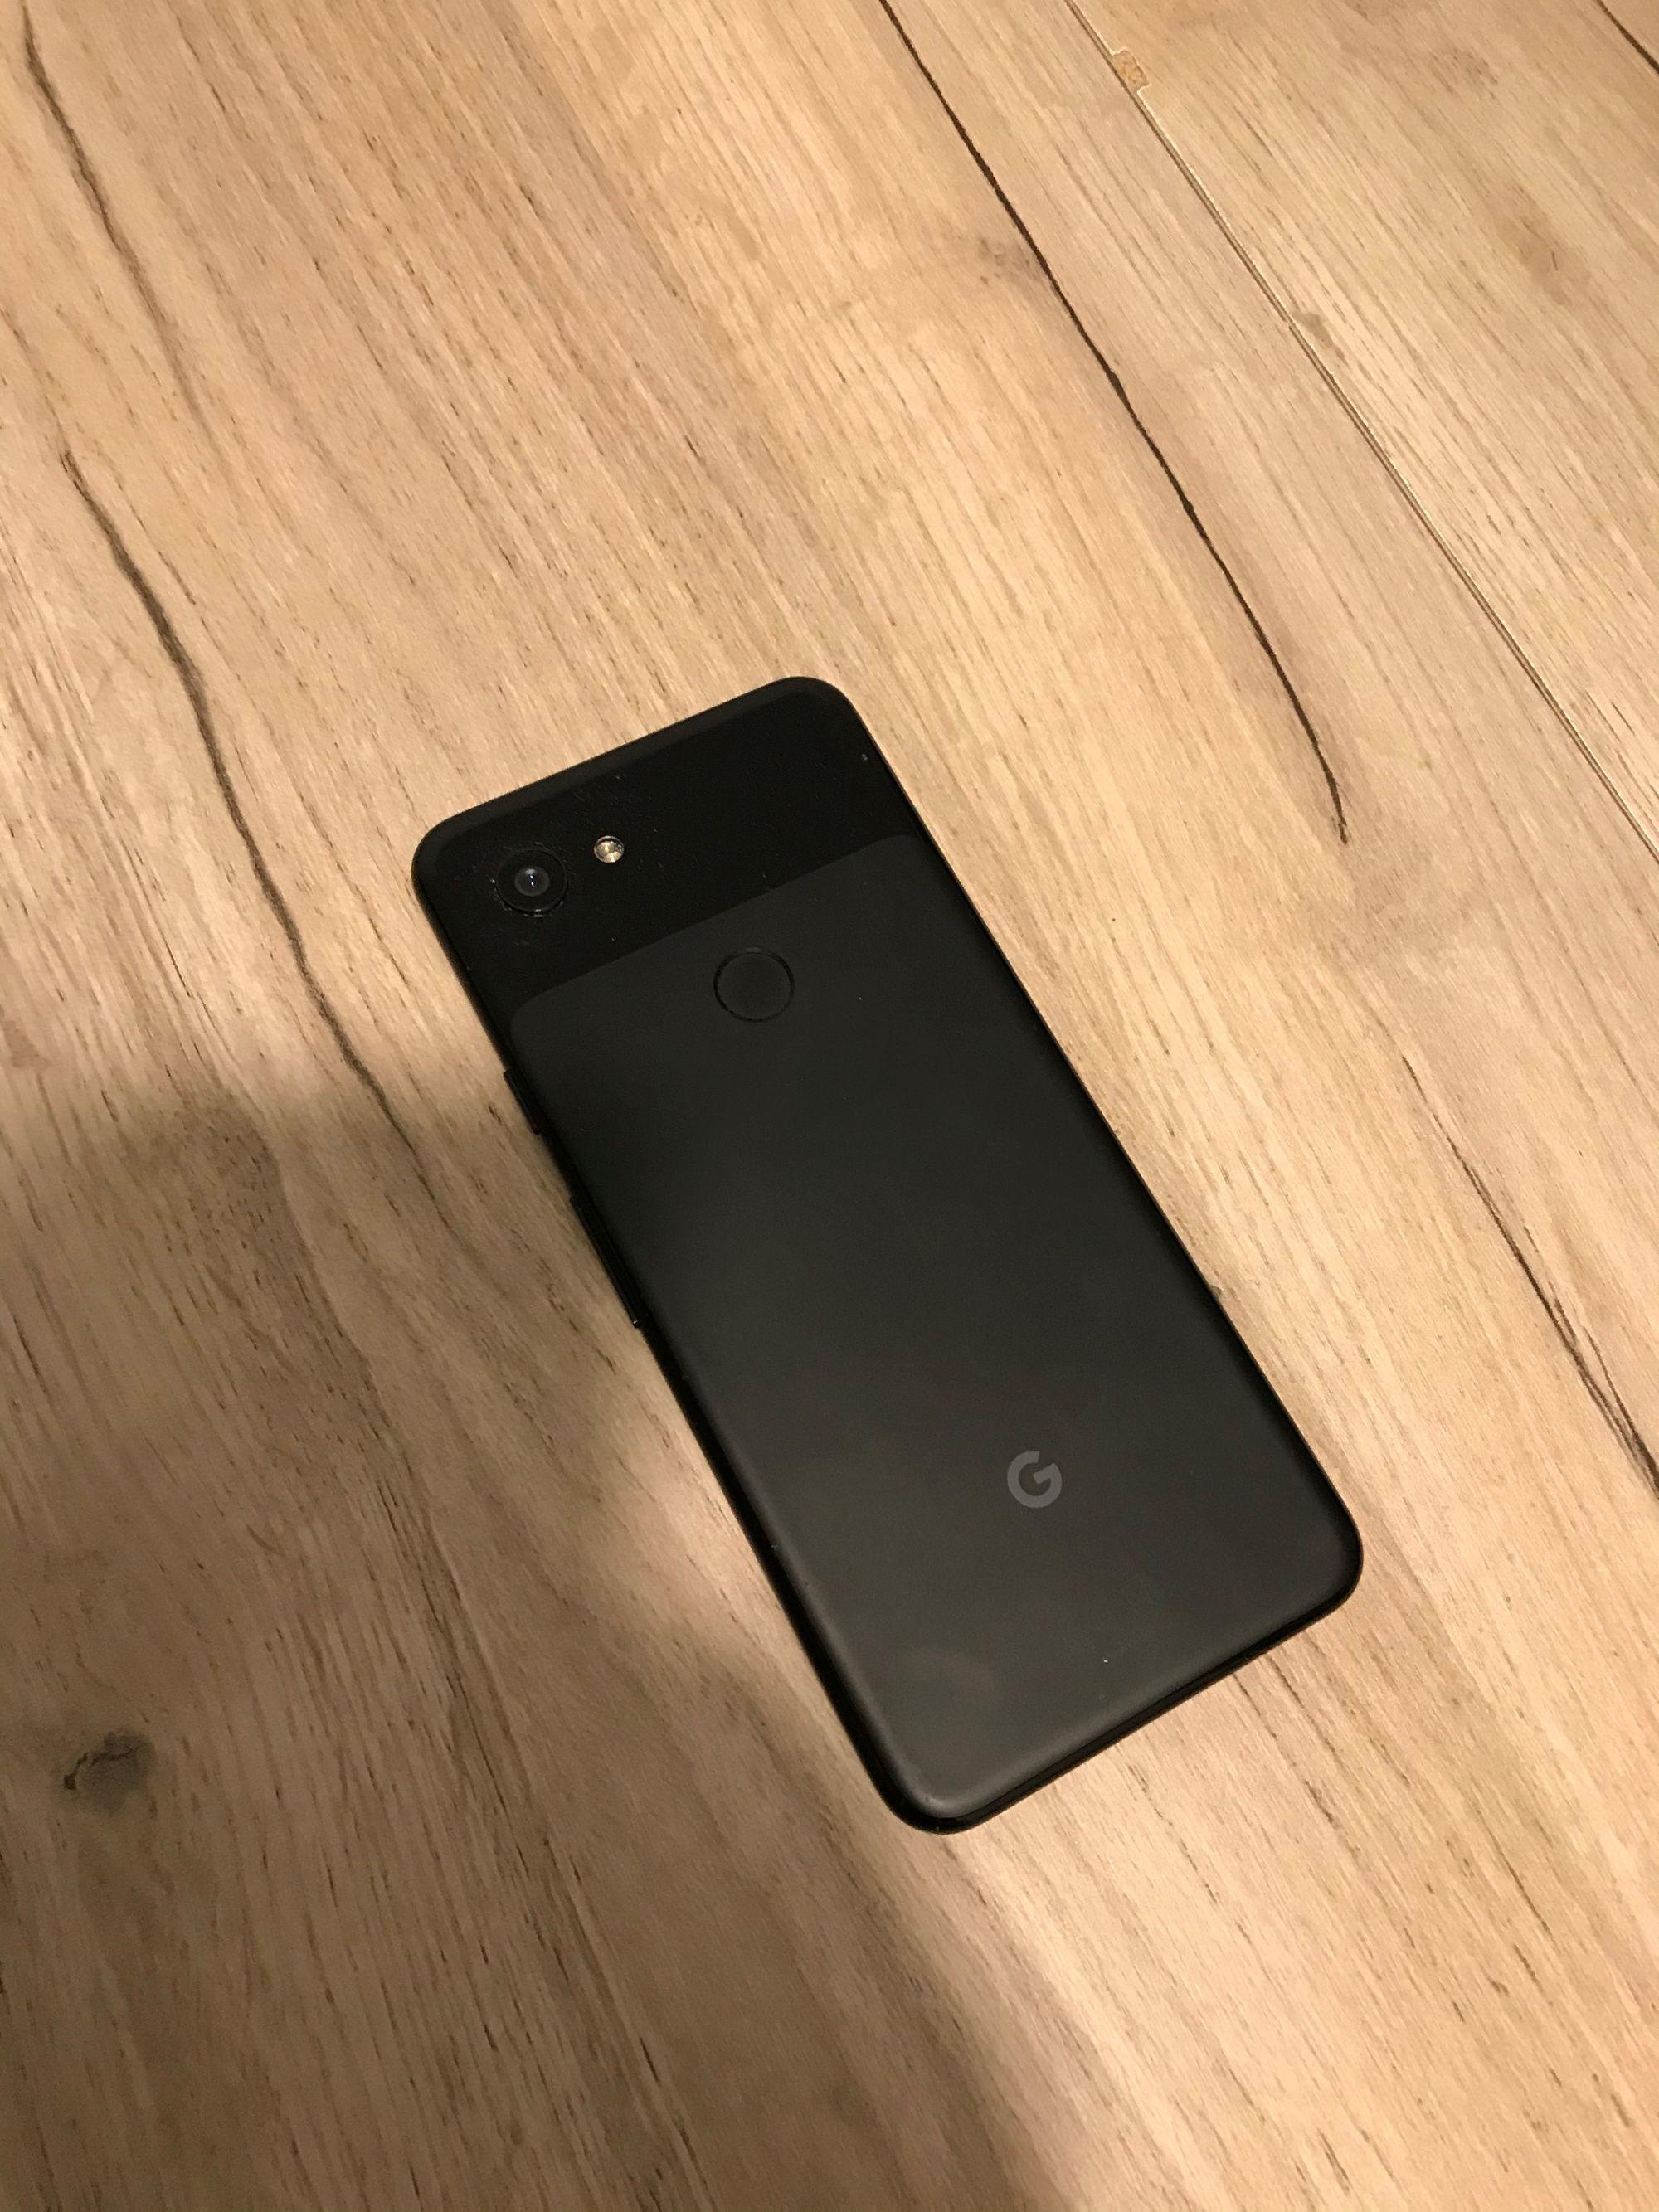 World's best phone case